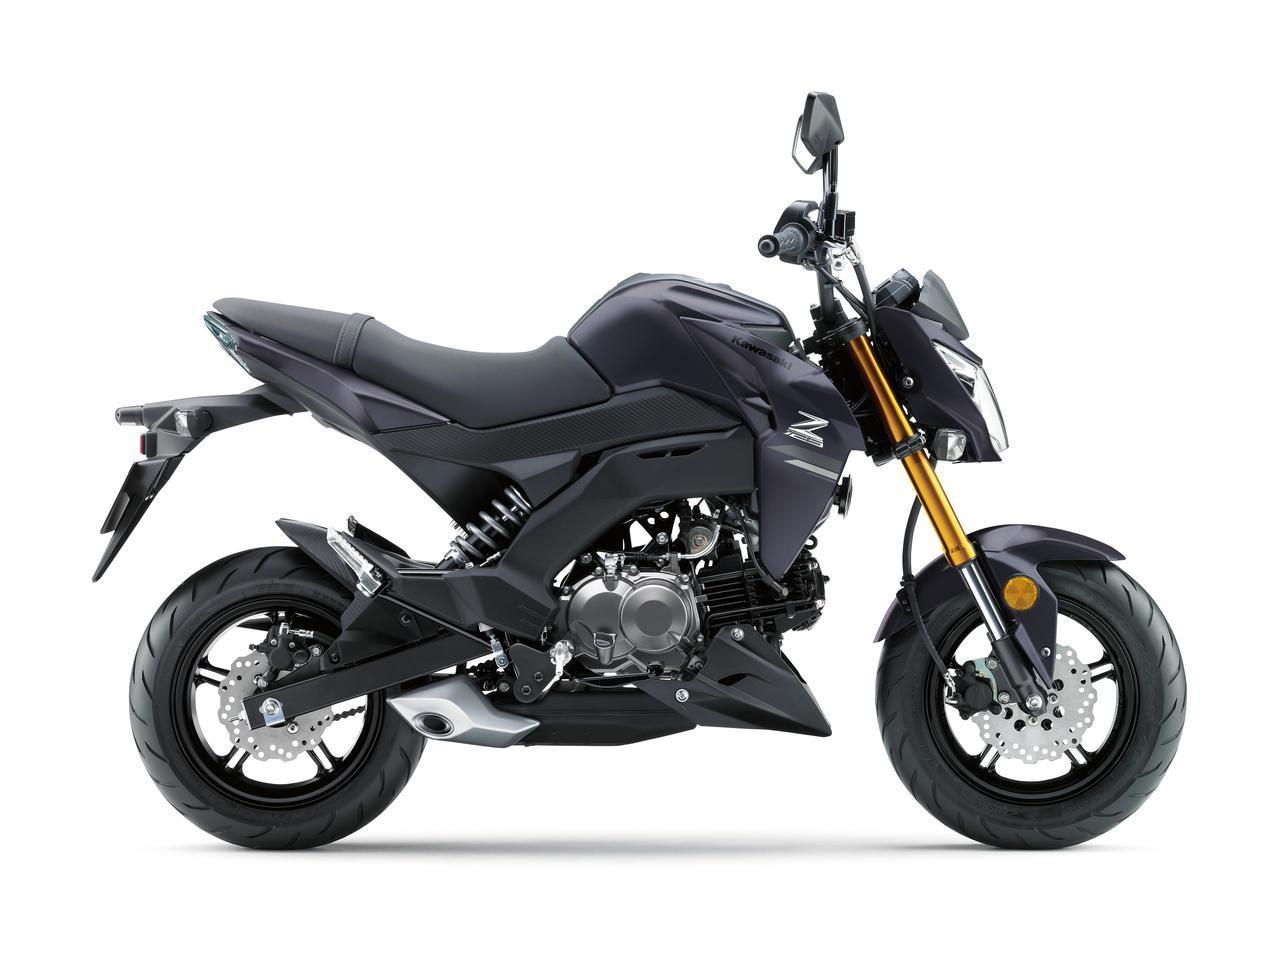 画像1: 2月1日発売!カワサキ「Z125 PRO」原付二種免許で乗れるカワサキのファンバイクに2020年カラーがラインアップ!